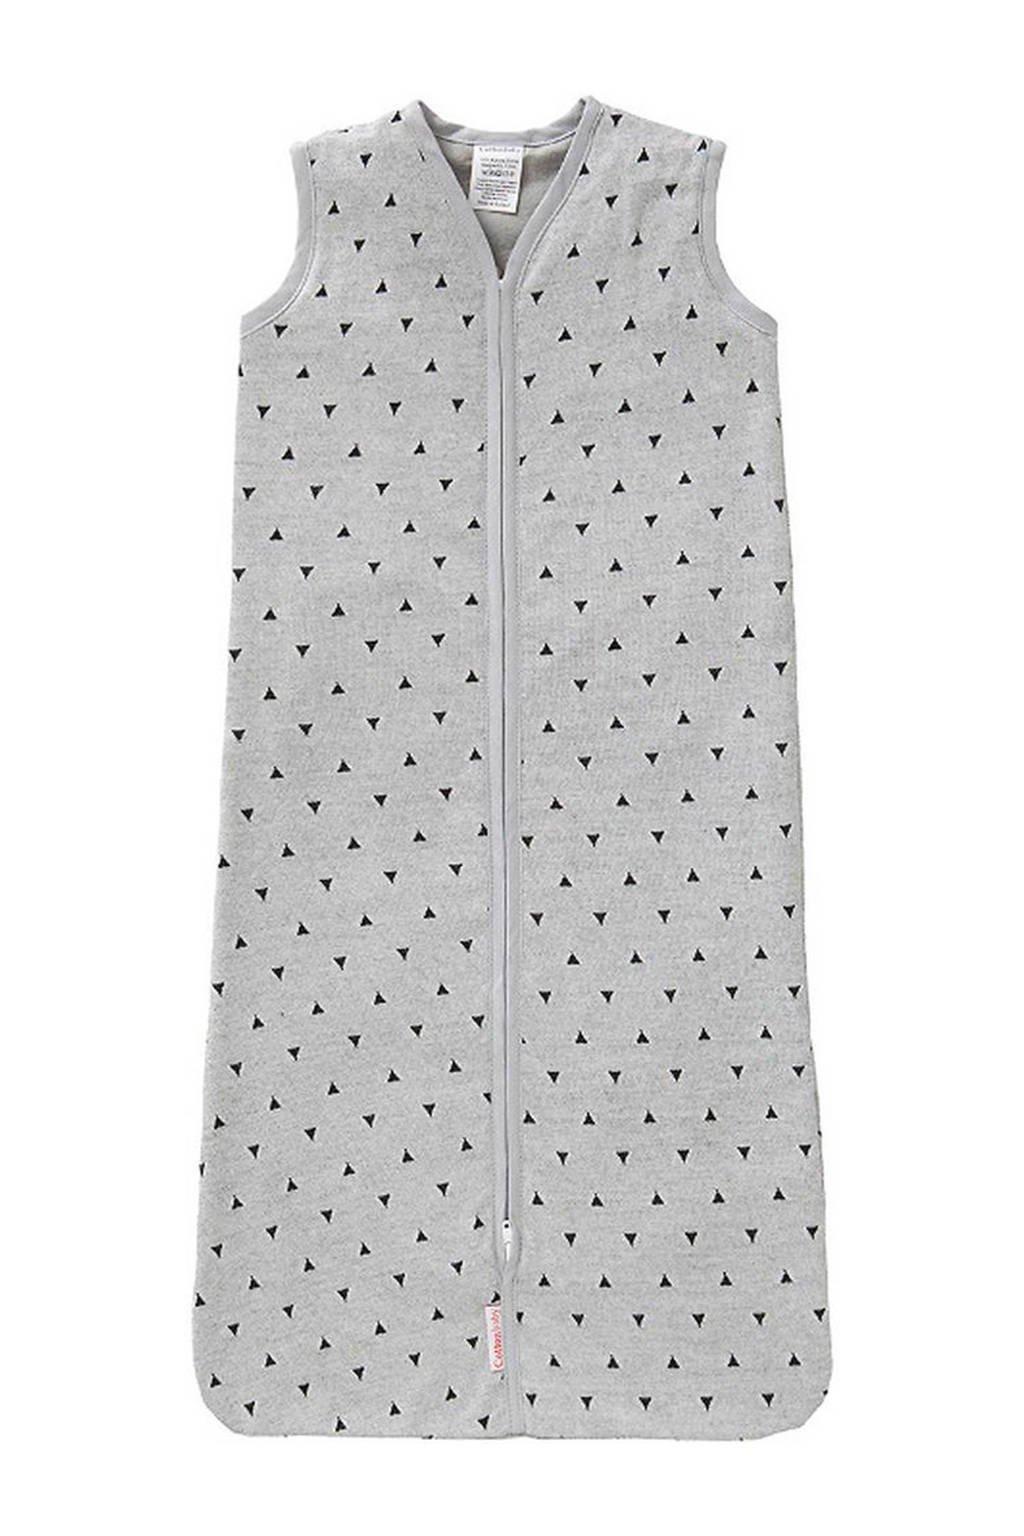 Cottonbaby driehoek baby slaapzak gevoerd 80 cm grijs/zwart, Grijs/zwart